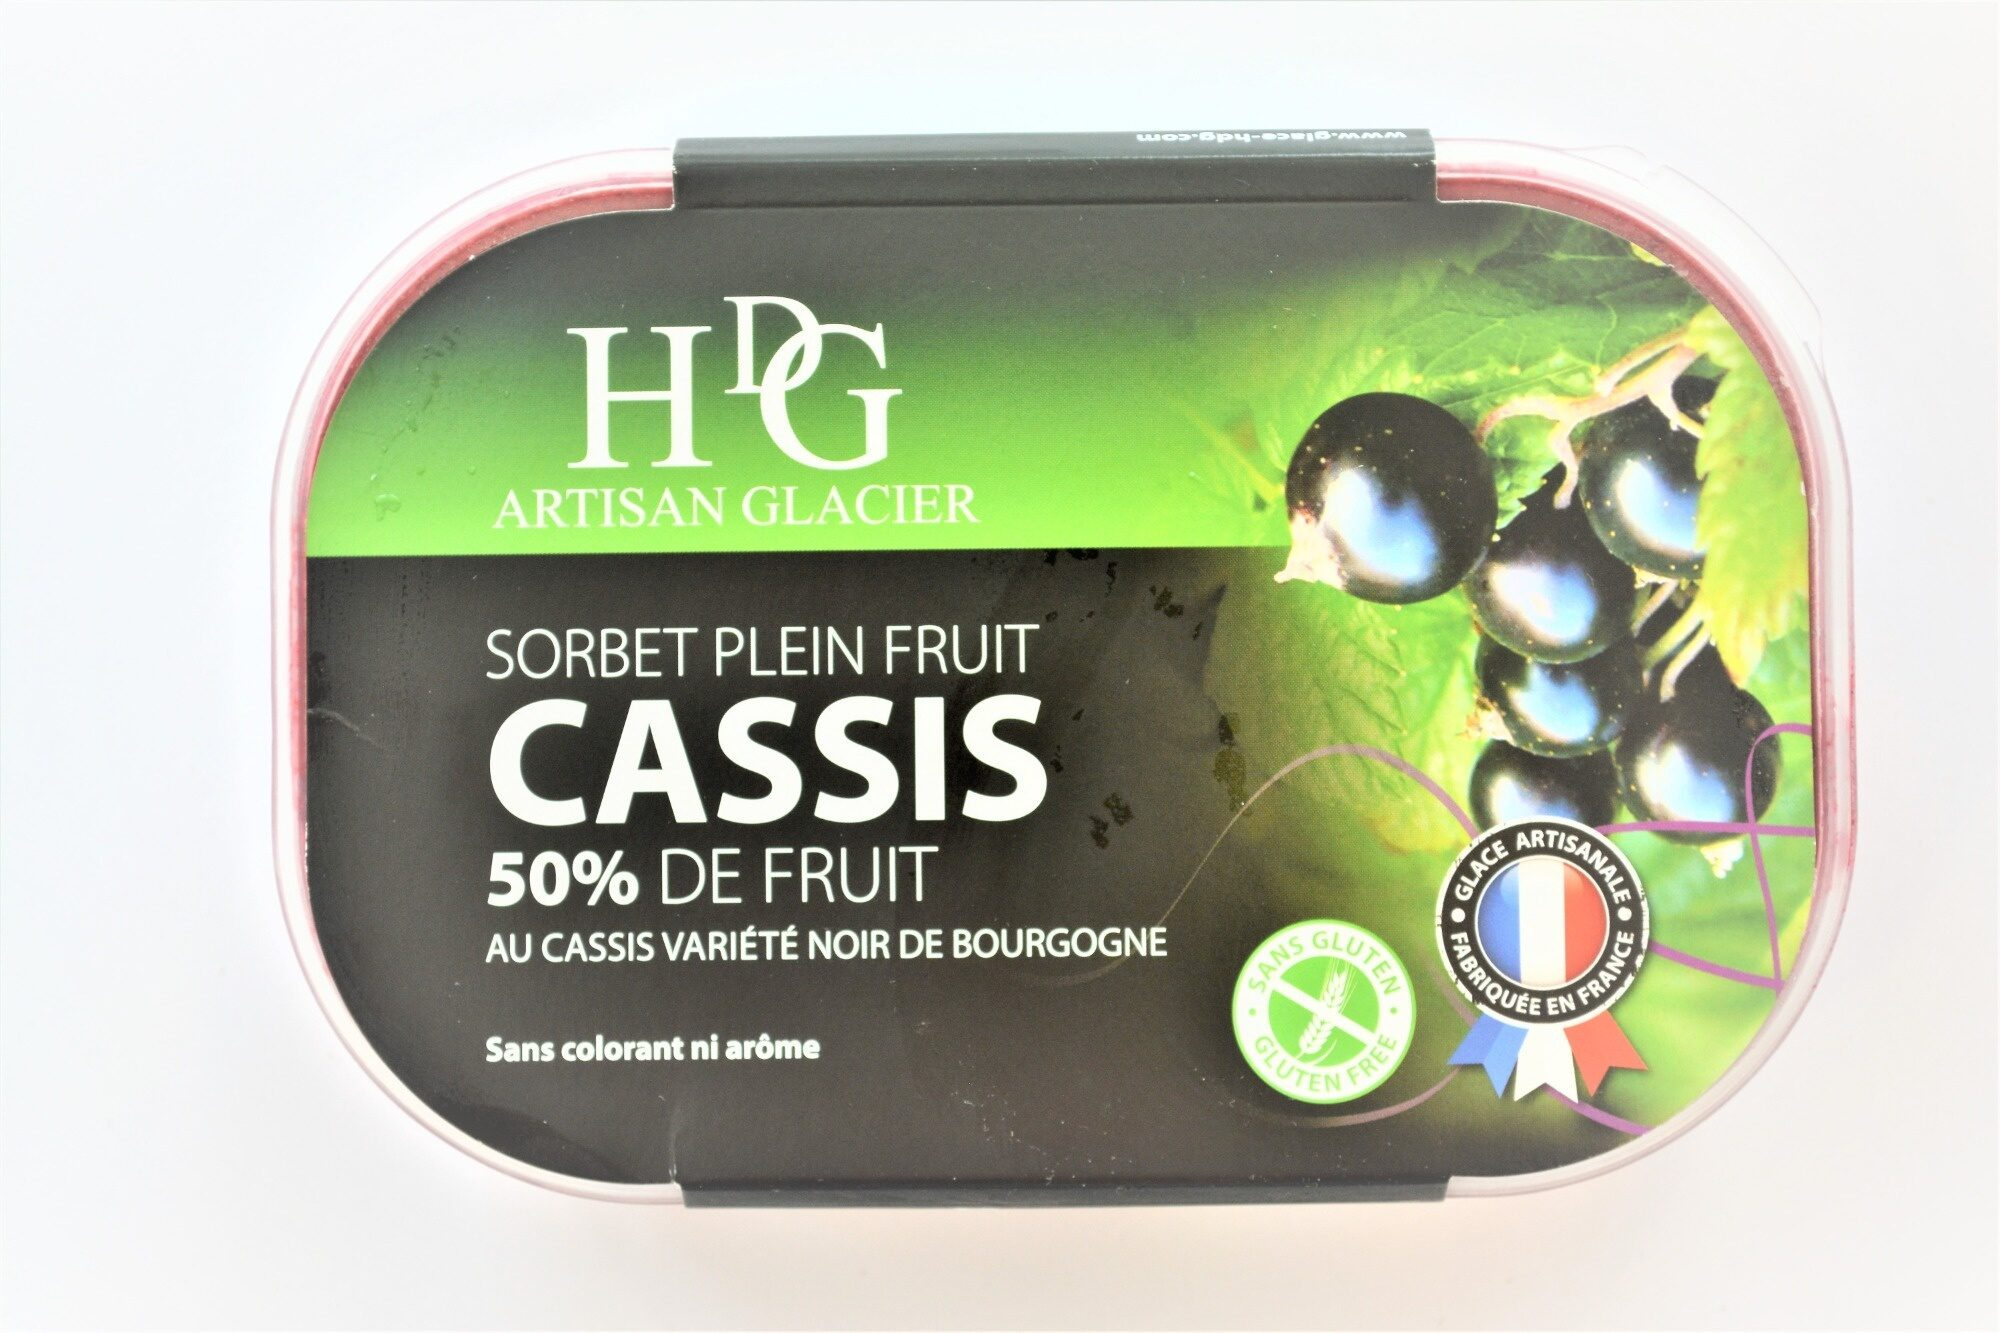 Sorbet plein fruit CASSIS variété noir de Bourgogne, 50% de fruit - Product